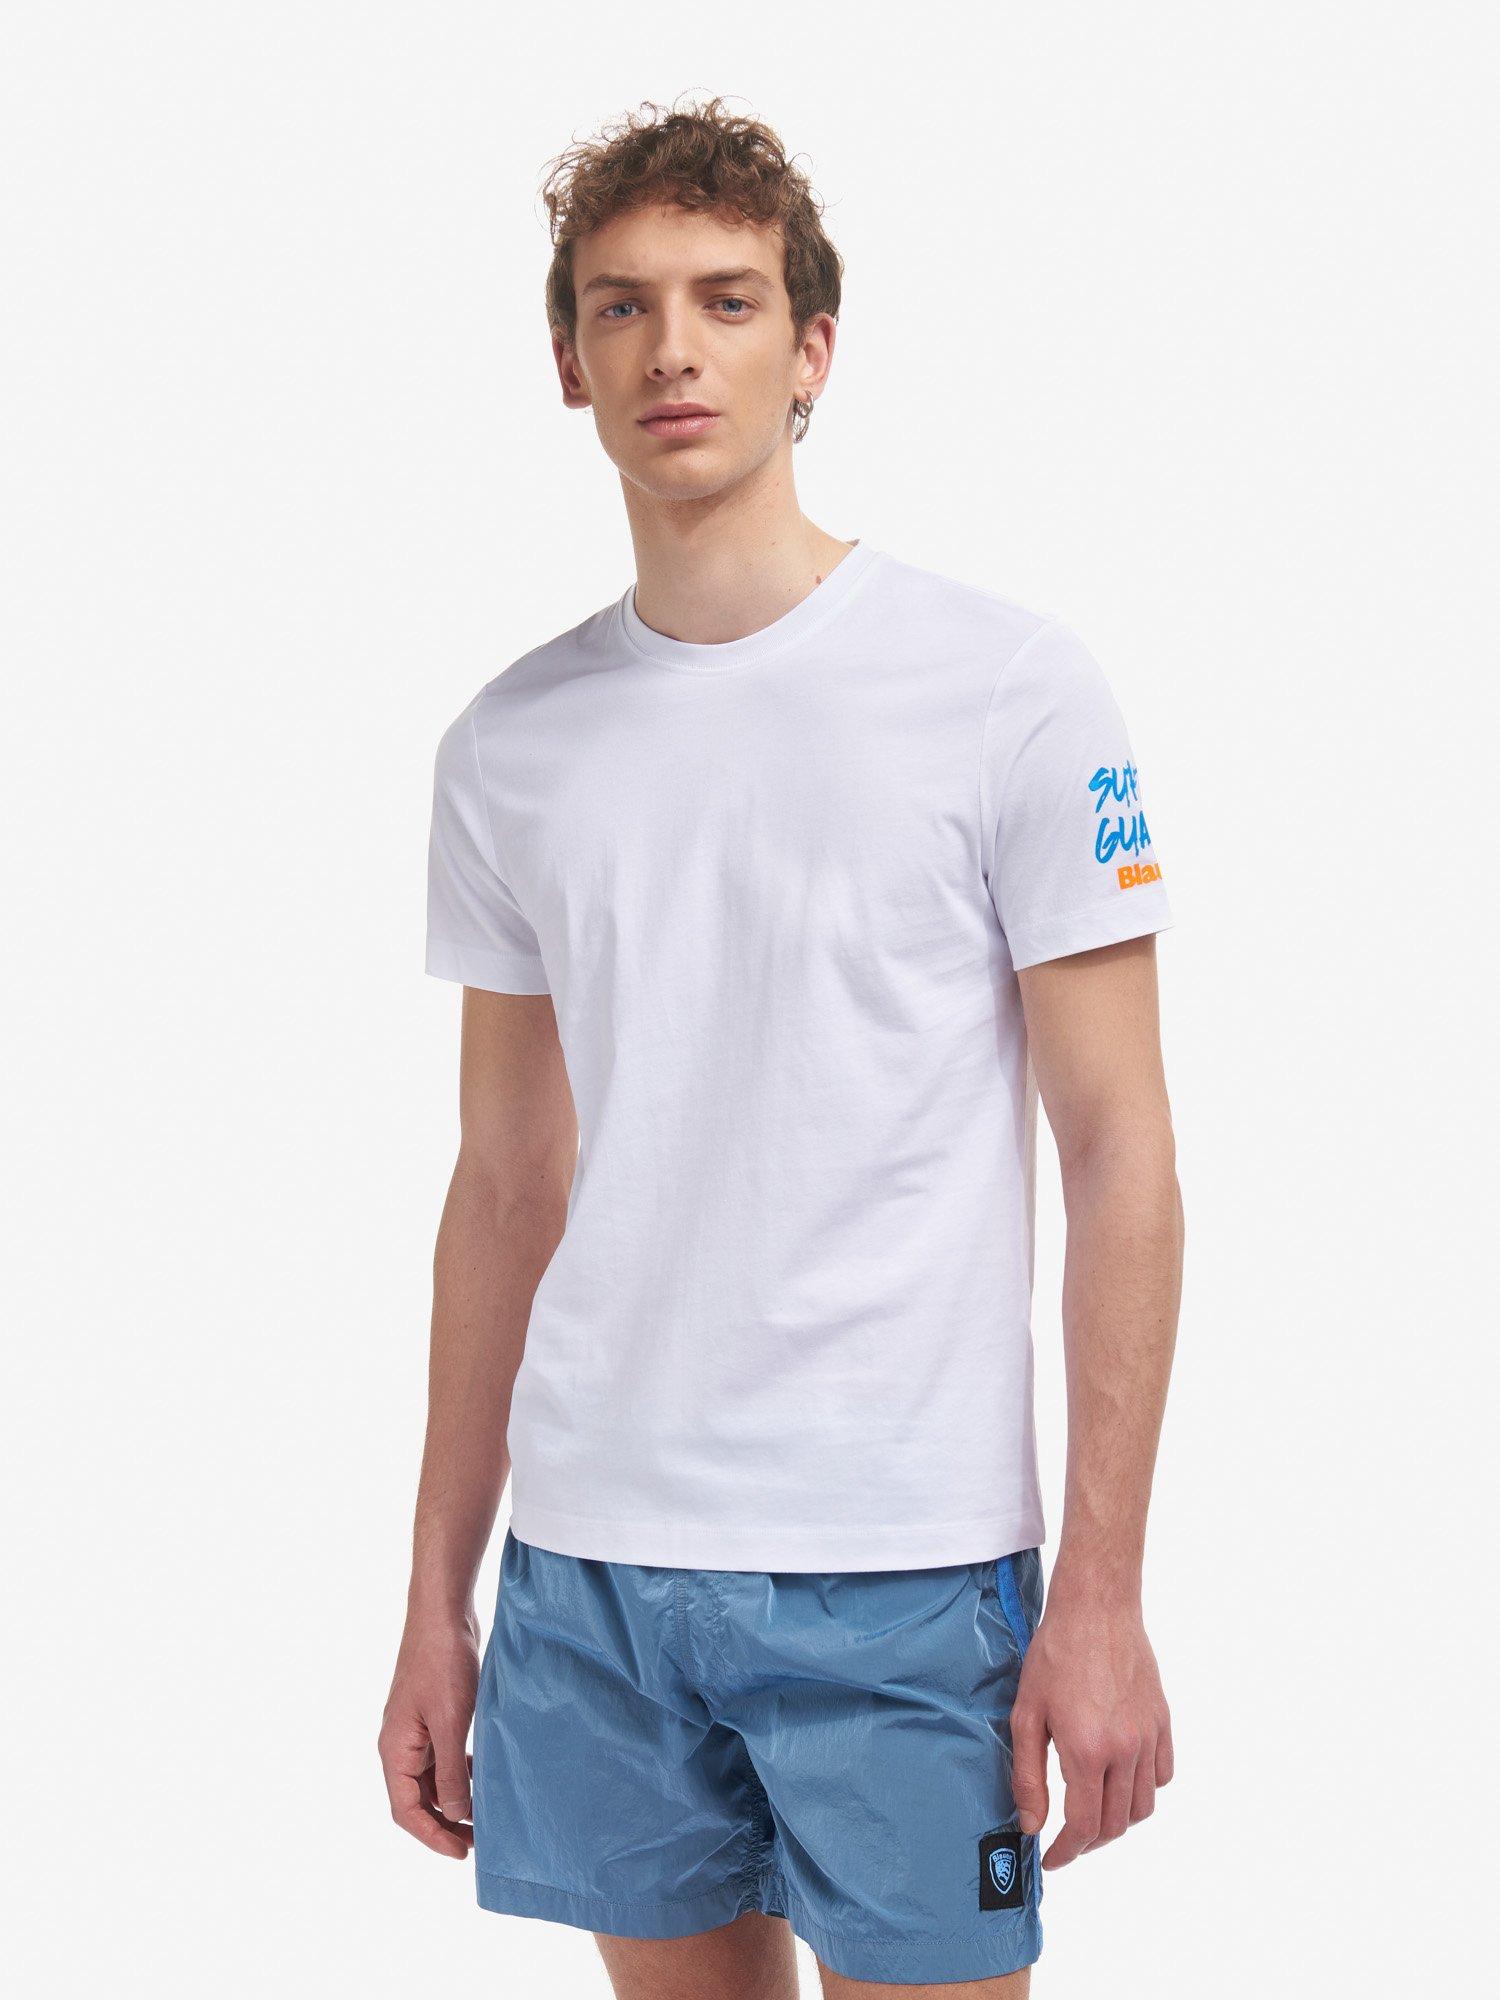 T-SHIRT MIAMI BEACH - Blauer